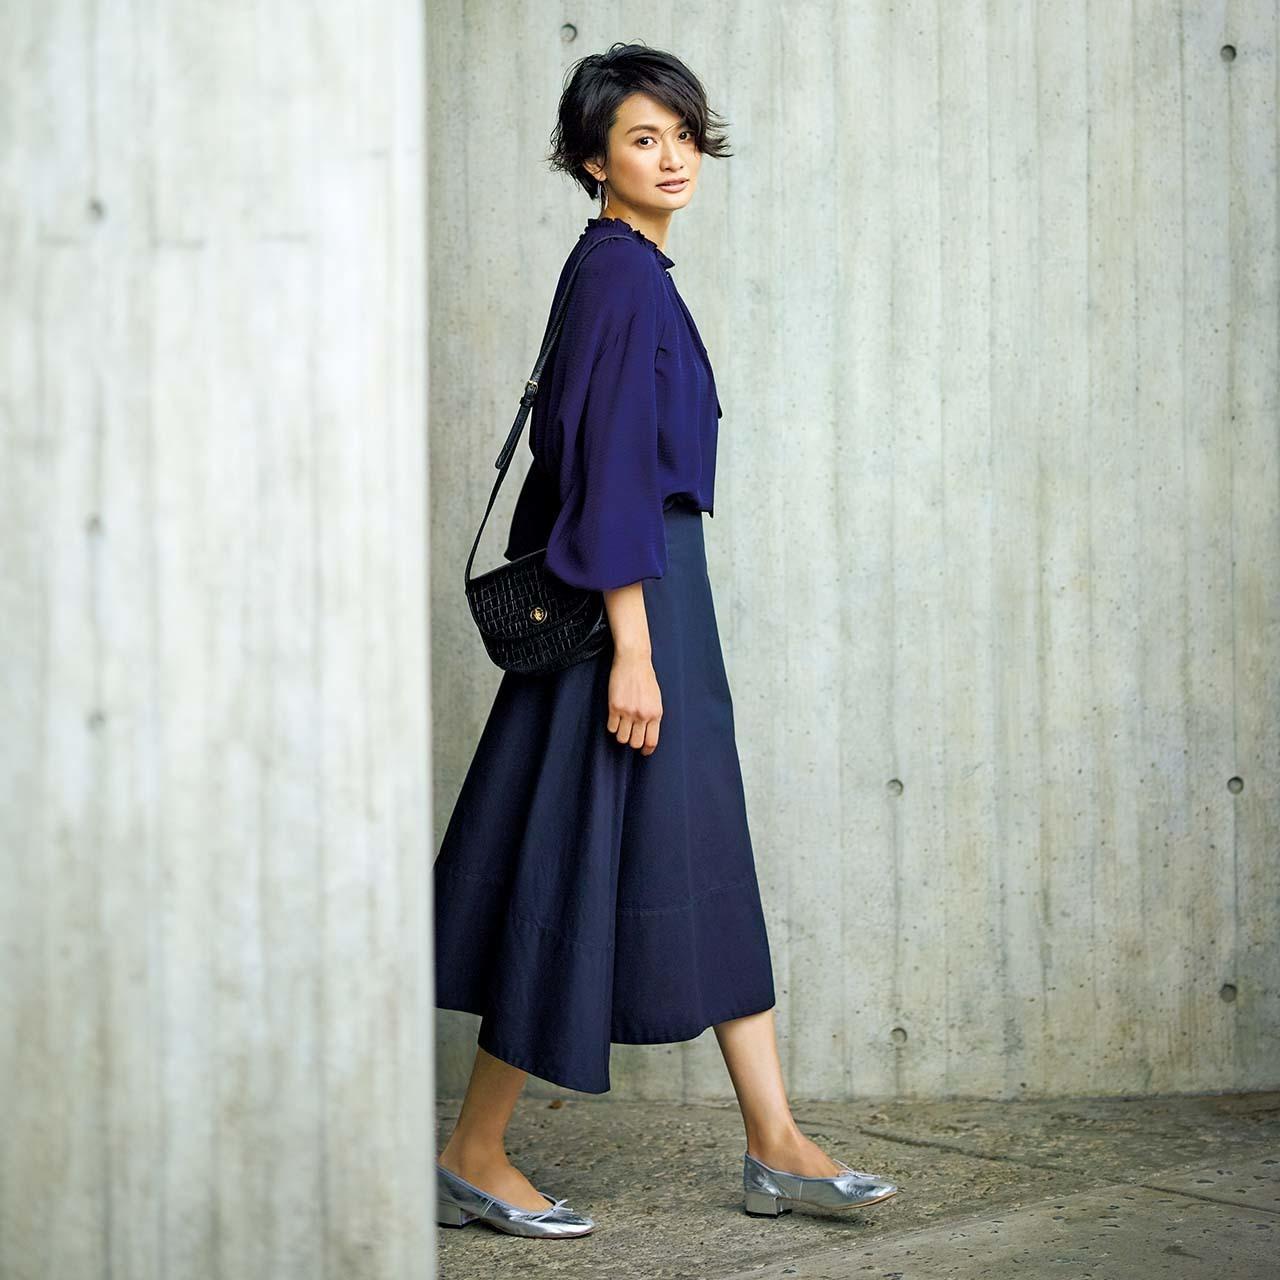 ネイビーのブラウス×スカートのファッションコーデ